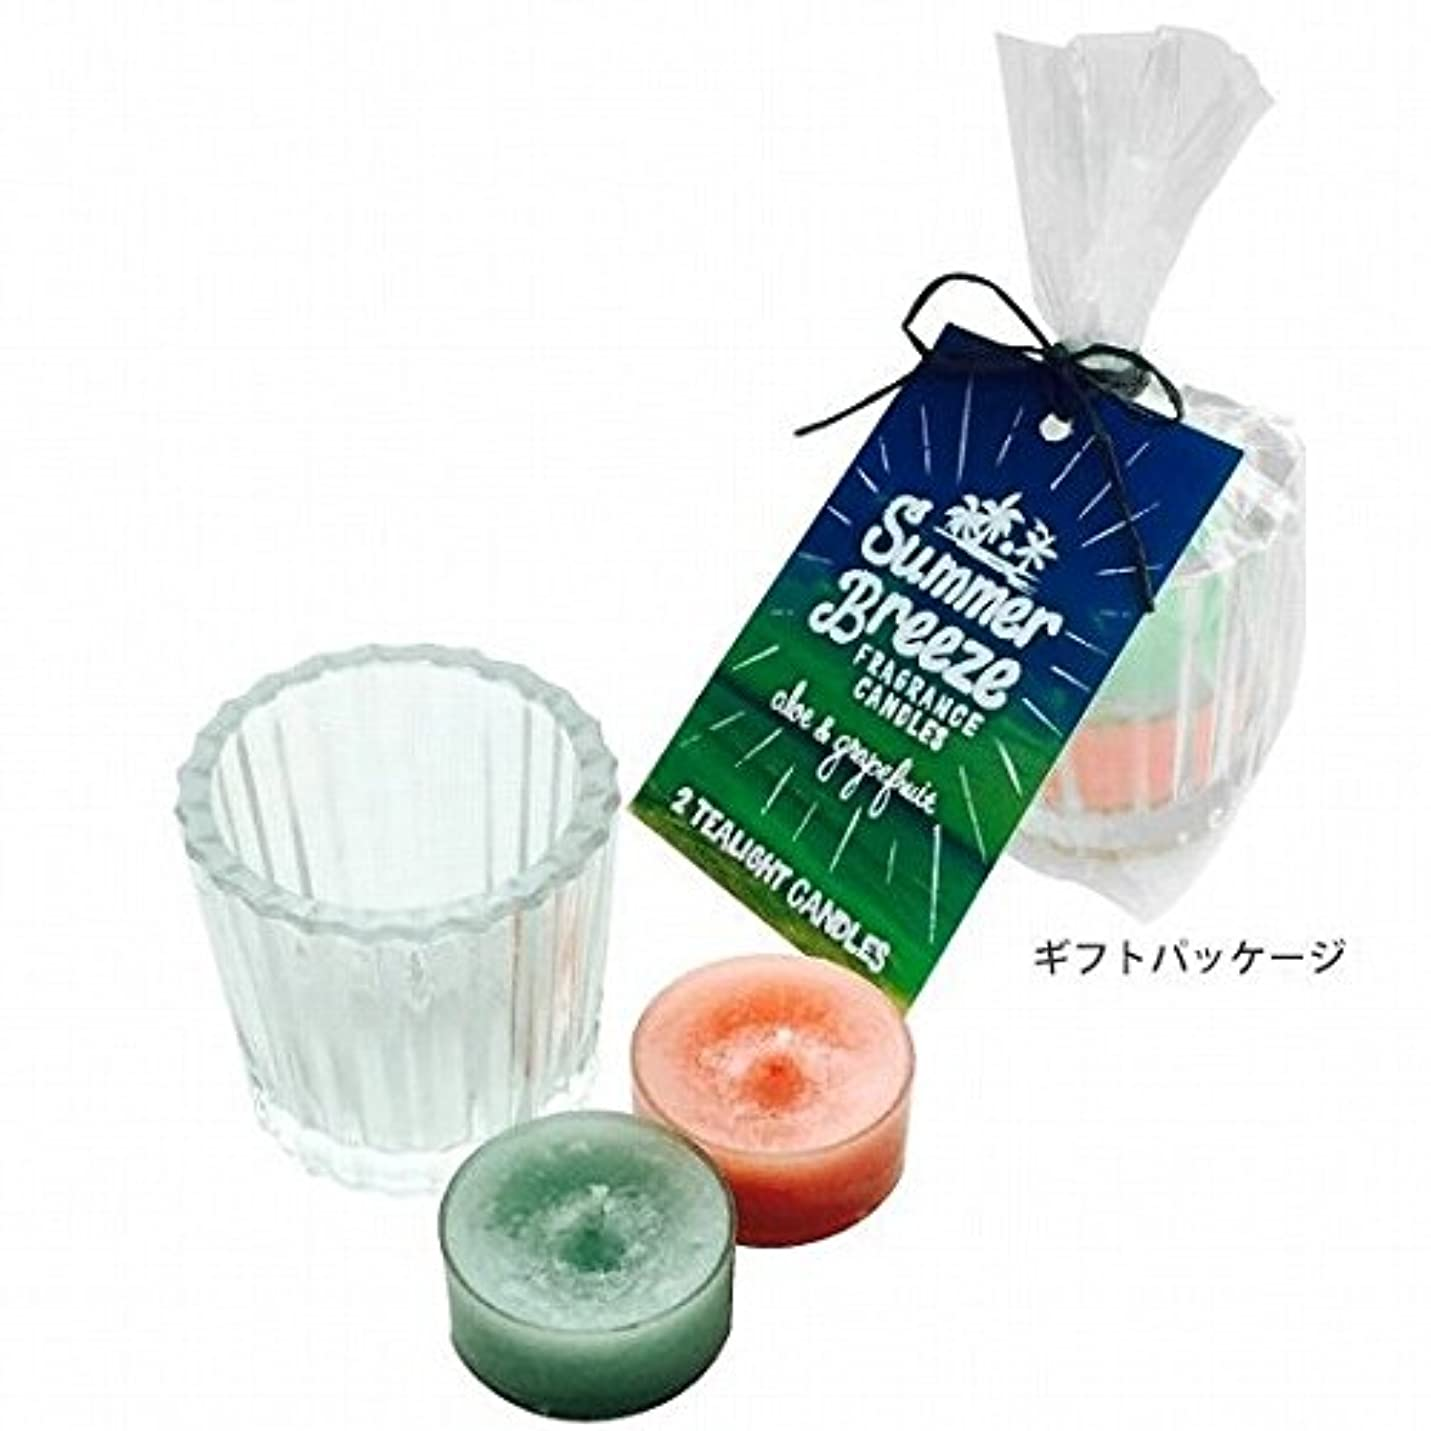 基礎仕事つまらないkameyama candle(カメヤマキャンドル) サマーブリーズティーライトキャンドルセット(K5090001)